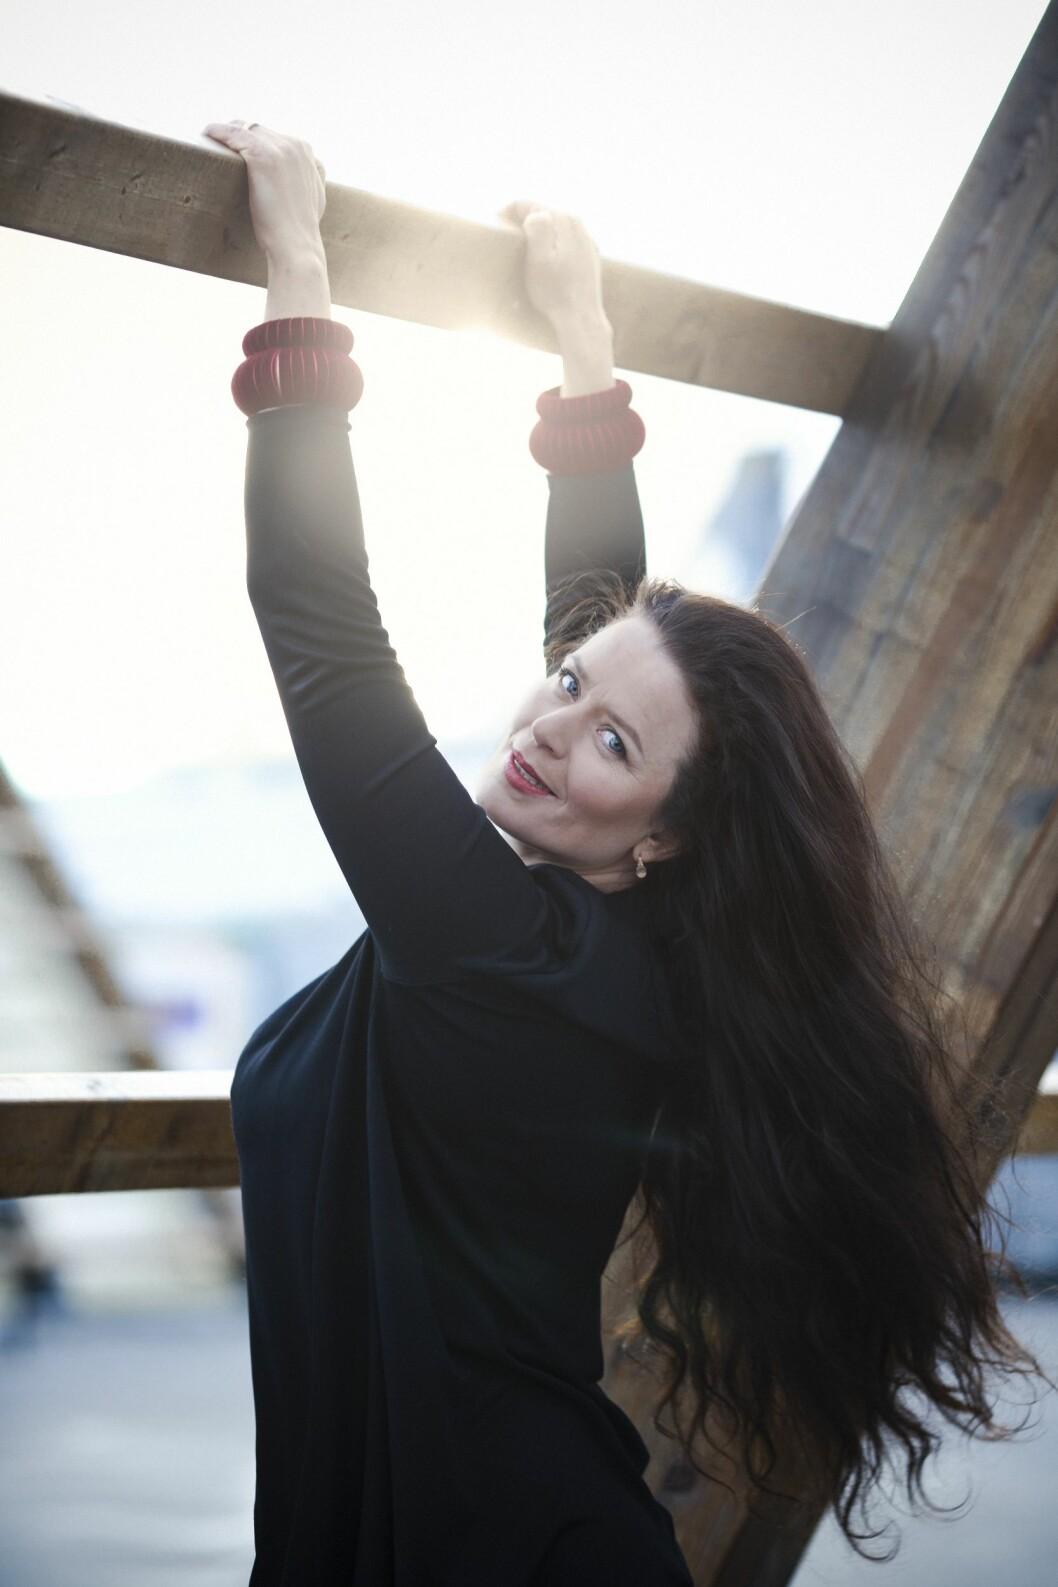 <strong>FÅR STØTTE:</strong> – Jeg har alltid følt at Kjøllefjord har heiet på meg. Det er jo sånn, man blir god dersom andre sier til deg at du er god, sier Gørild. Her på fiskehjell i Oslo, på kunstprosjektet SALT.  Foto: Astrid Waller